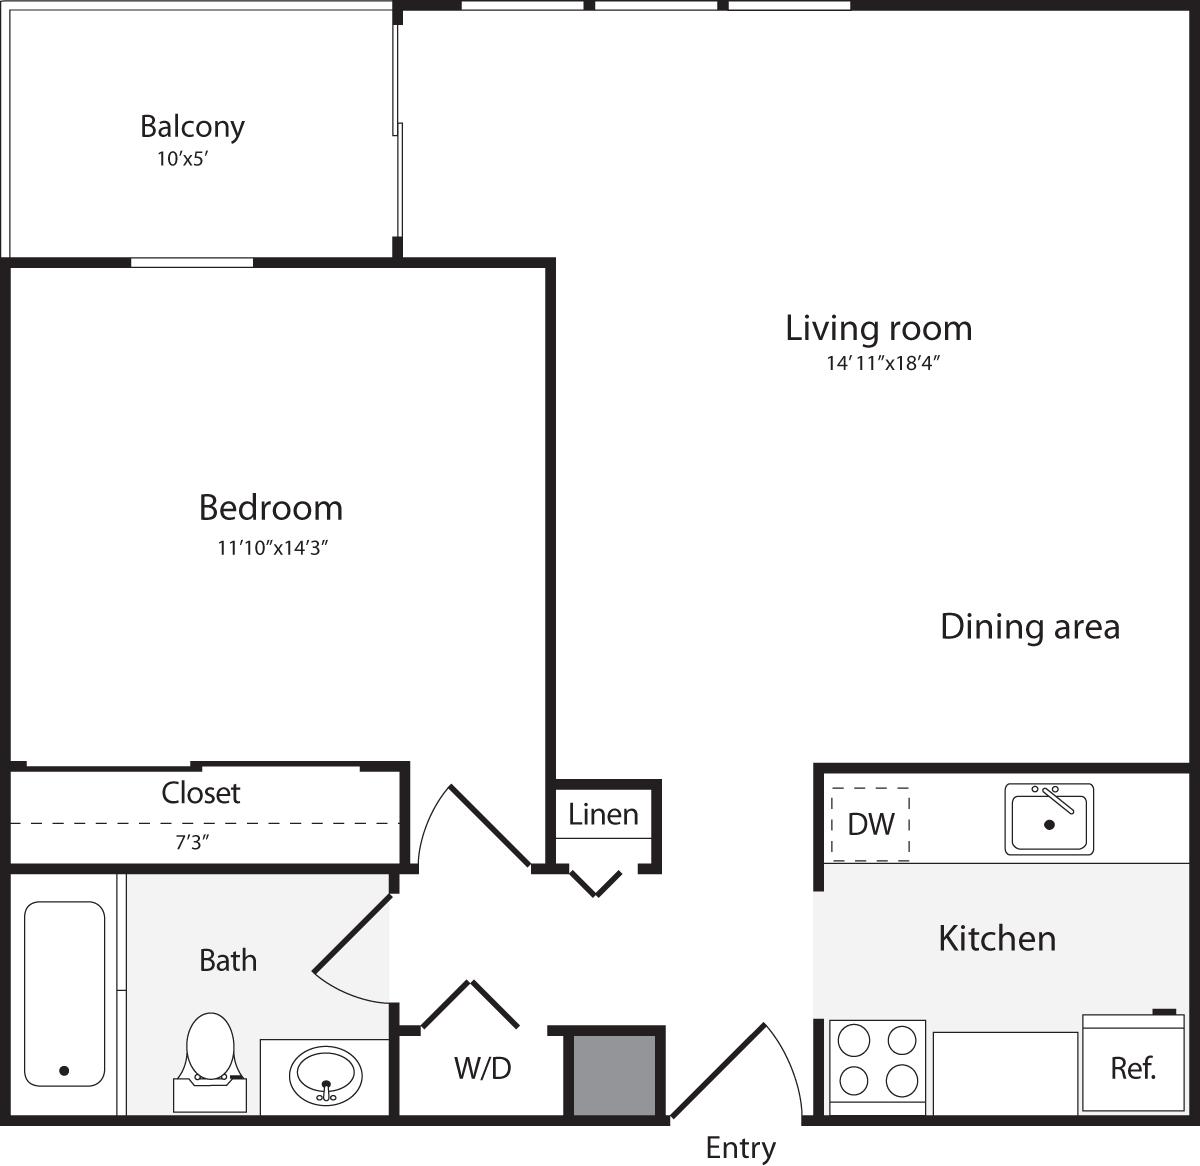 1 Bedroom M W/D